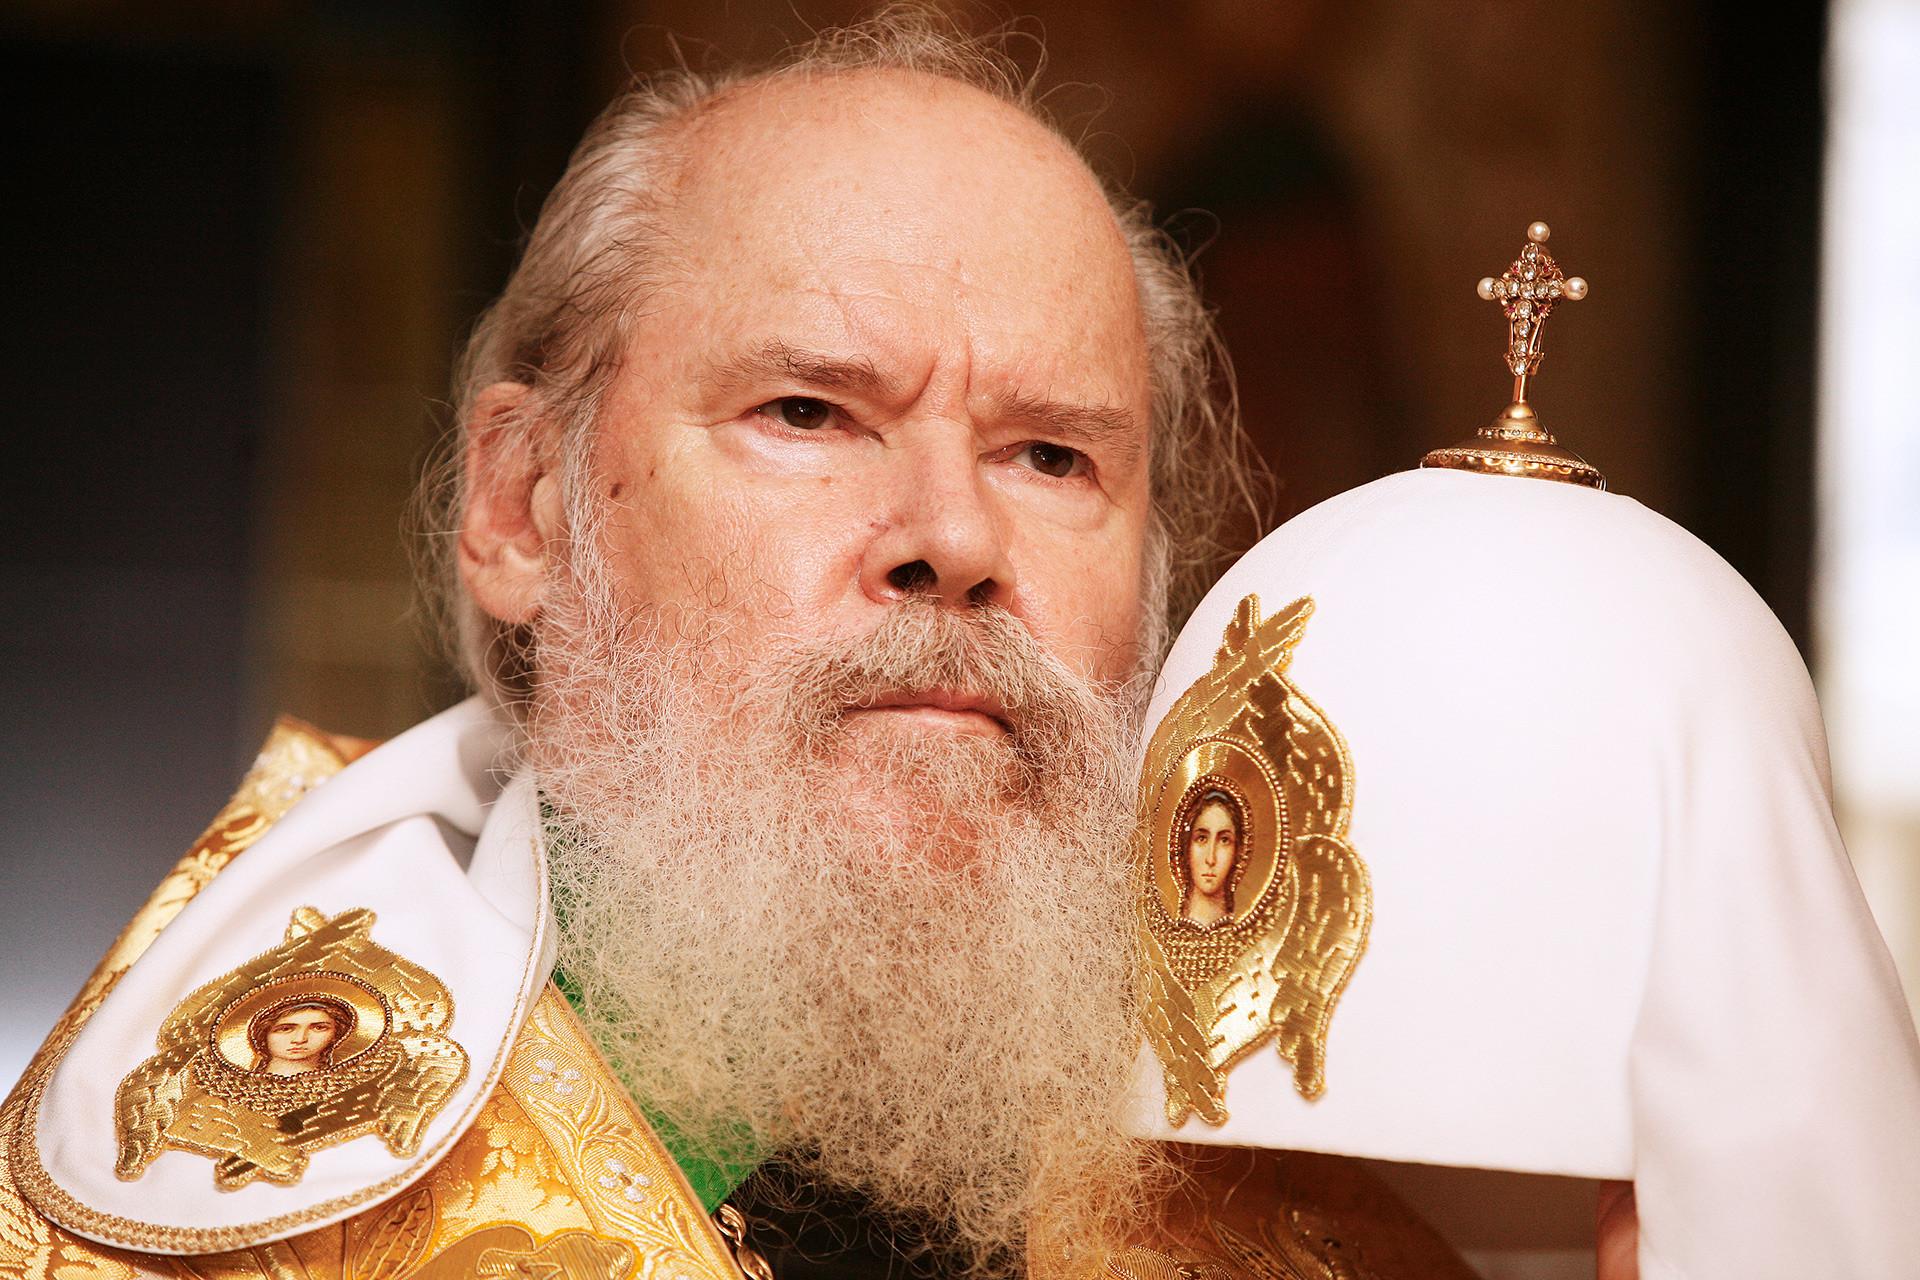 Patriarch of Russian Orthodox church Alexy II